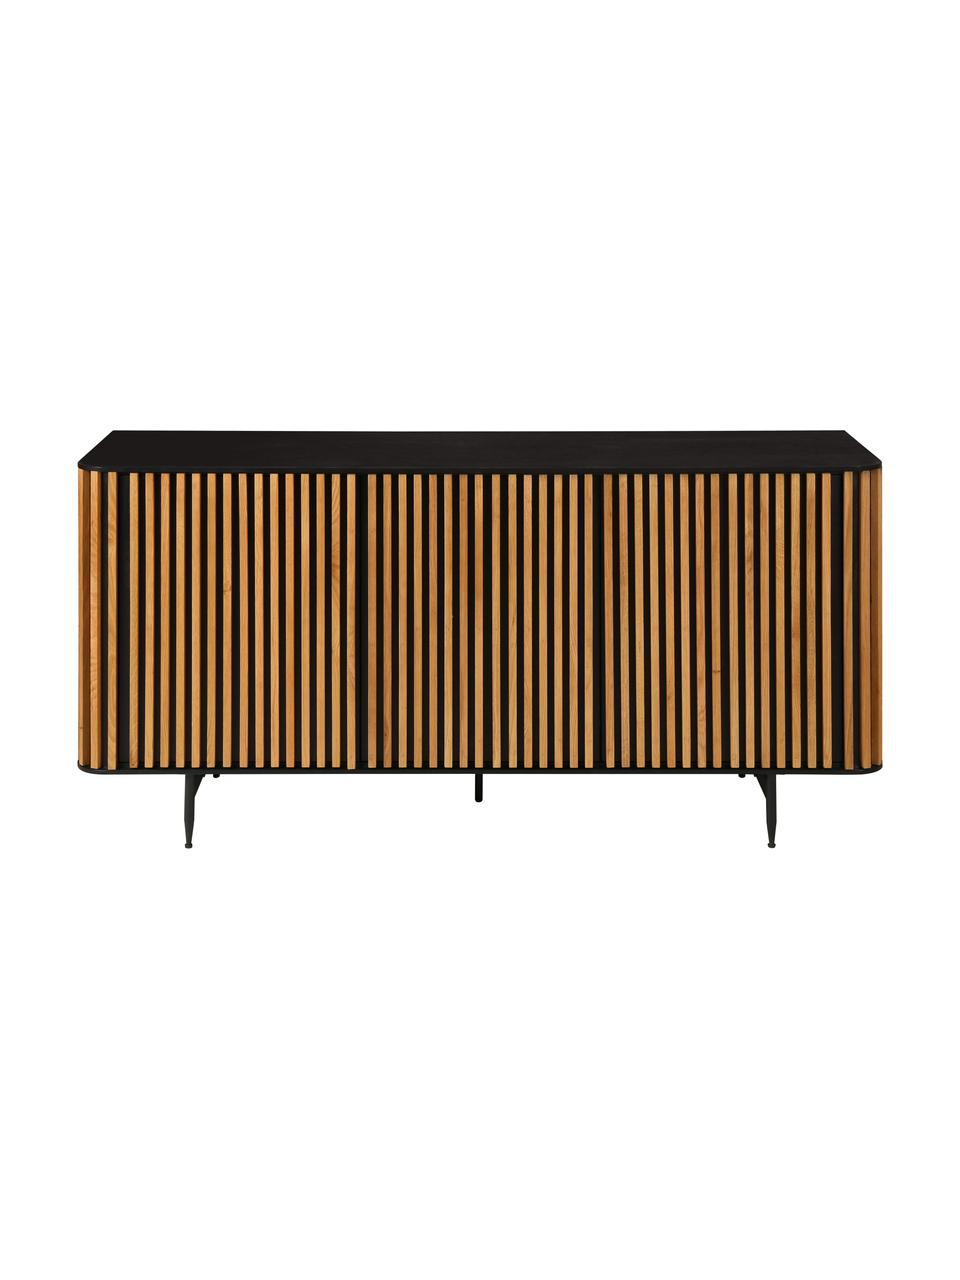 Credenza di design con finitura in quercia Linea, Piedini: metallo verniciato, Nero, legno di quercia, Larg. 159 x Alt. 74 cm